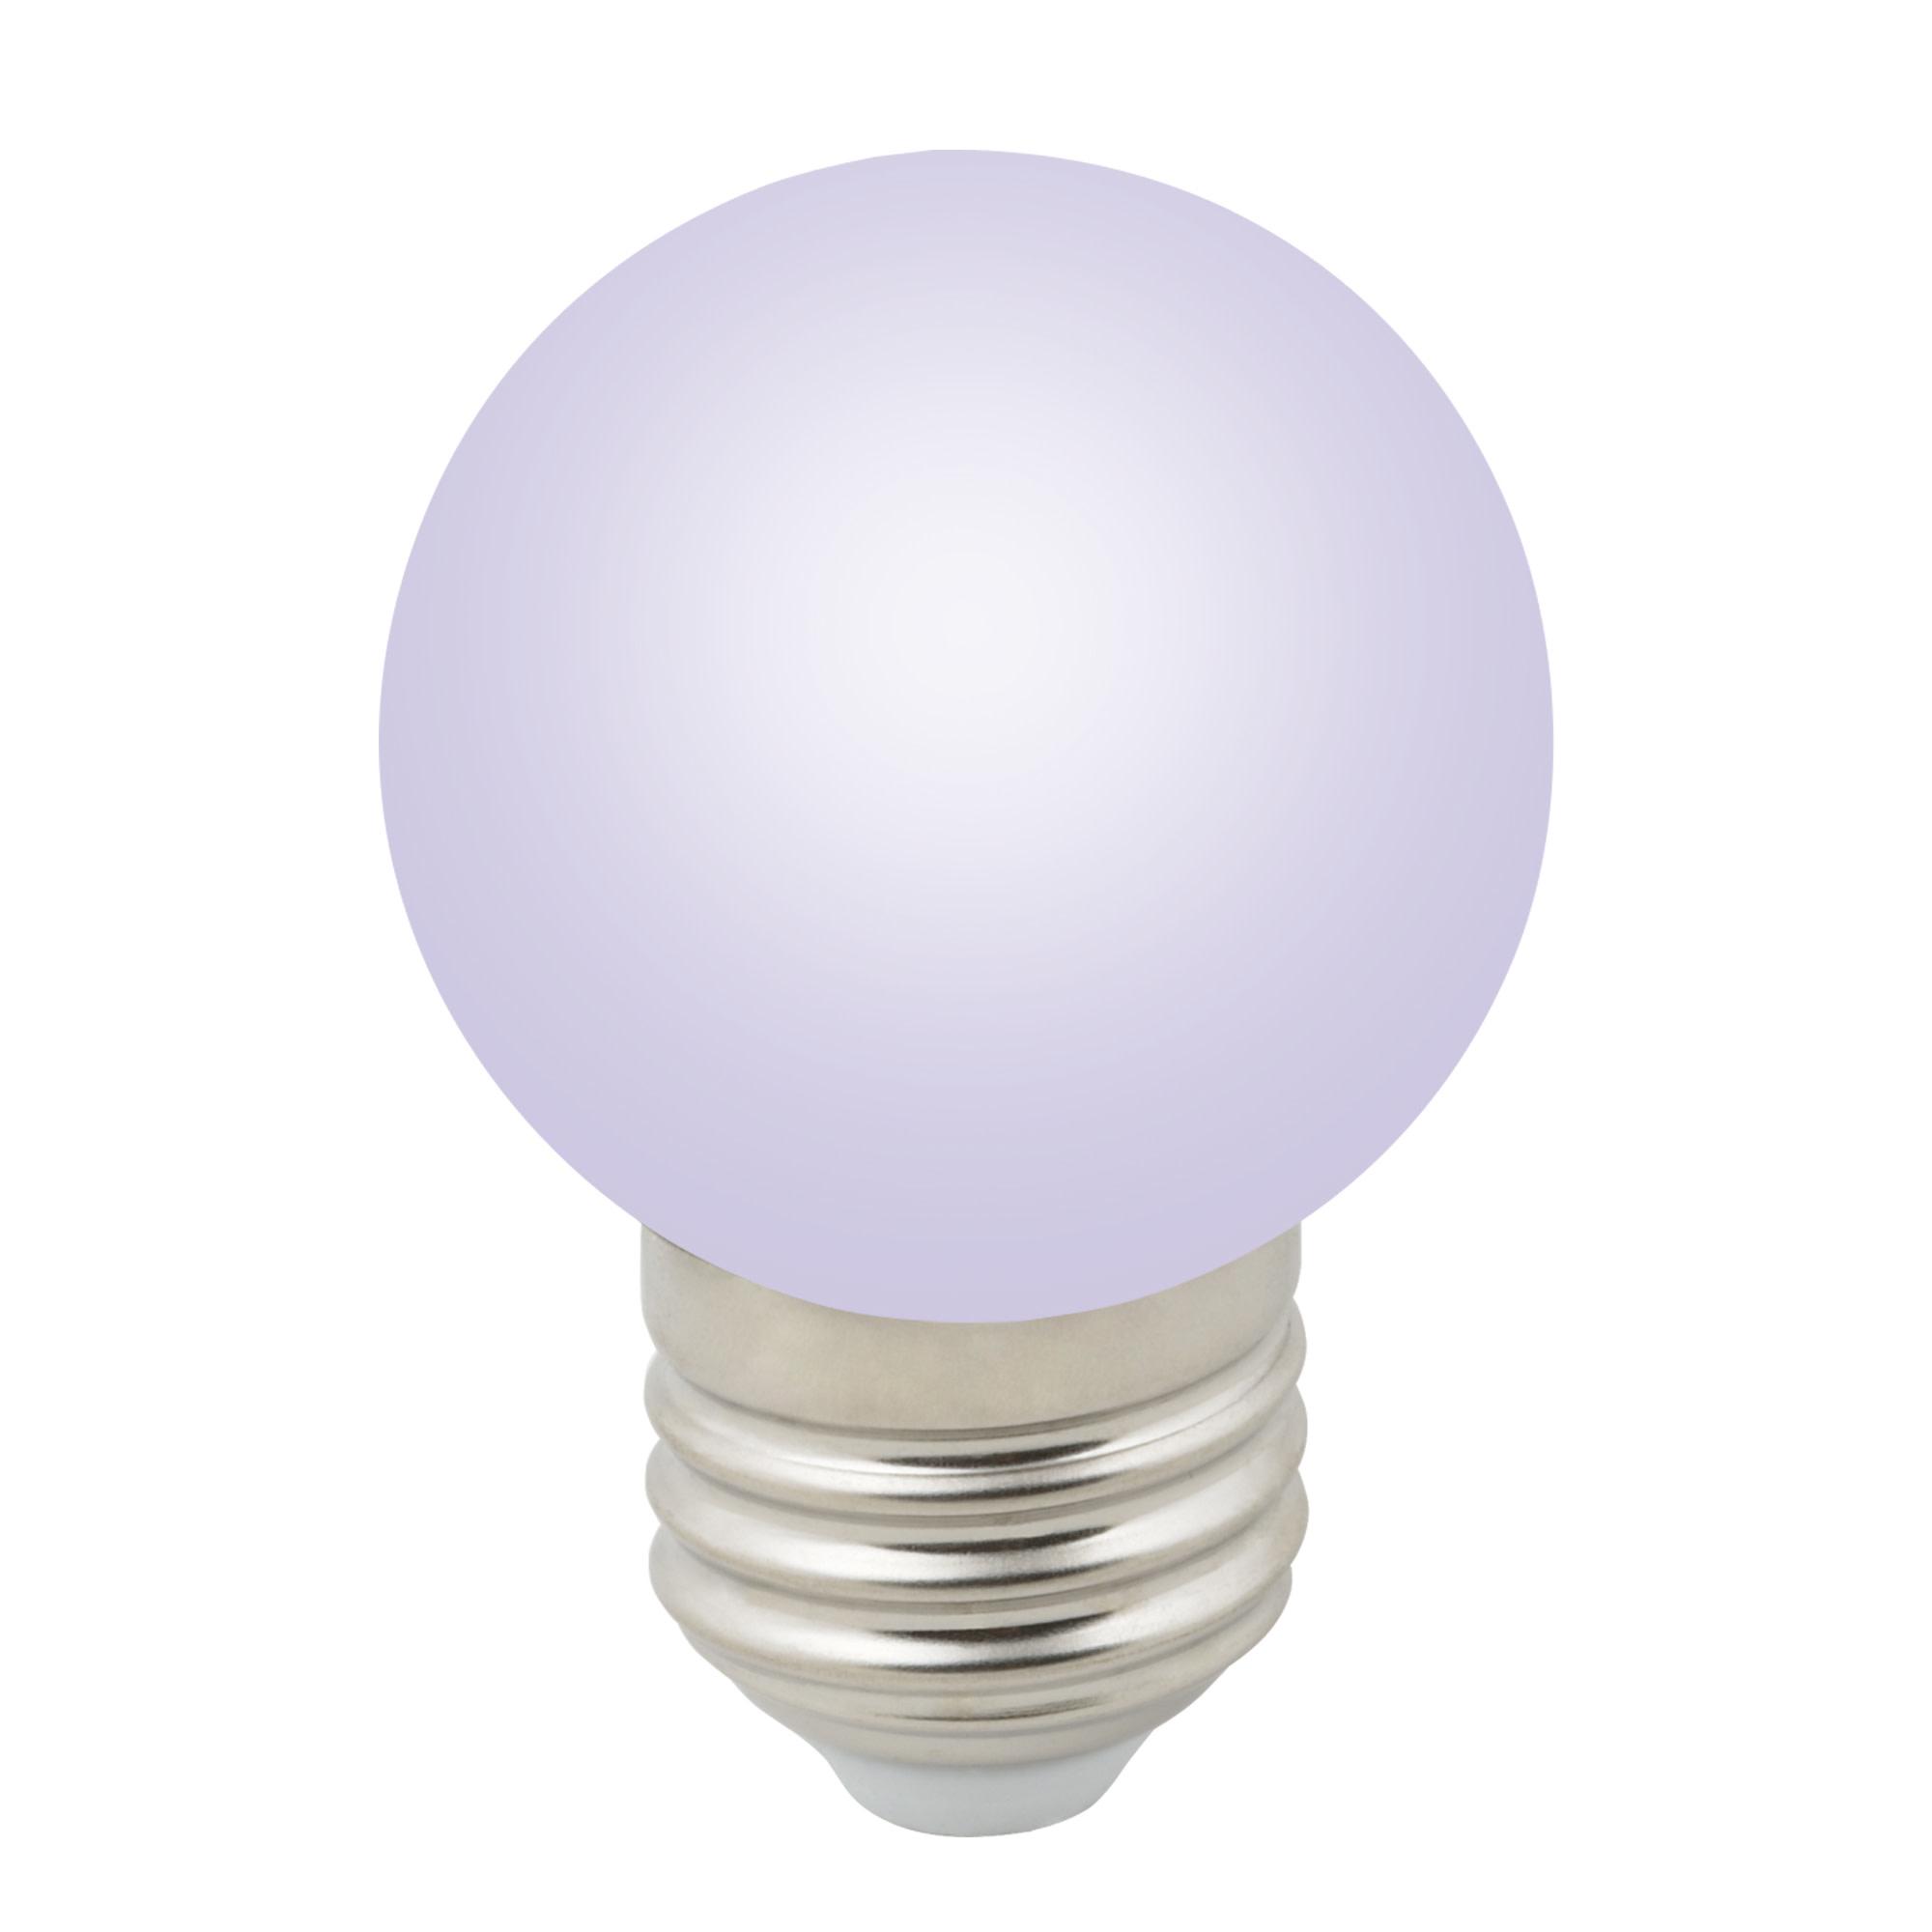 Лампа светодиодная Volpe E27 220 В 1 Вт шар матовый 80 лм RGB свет